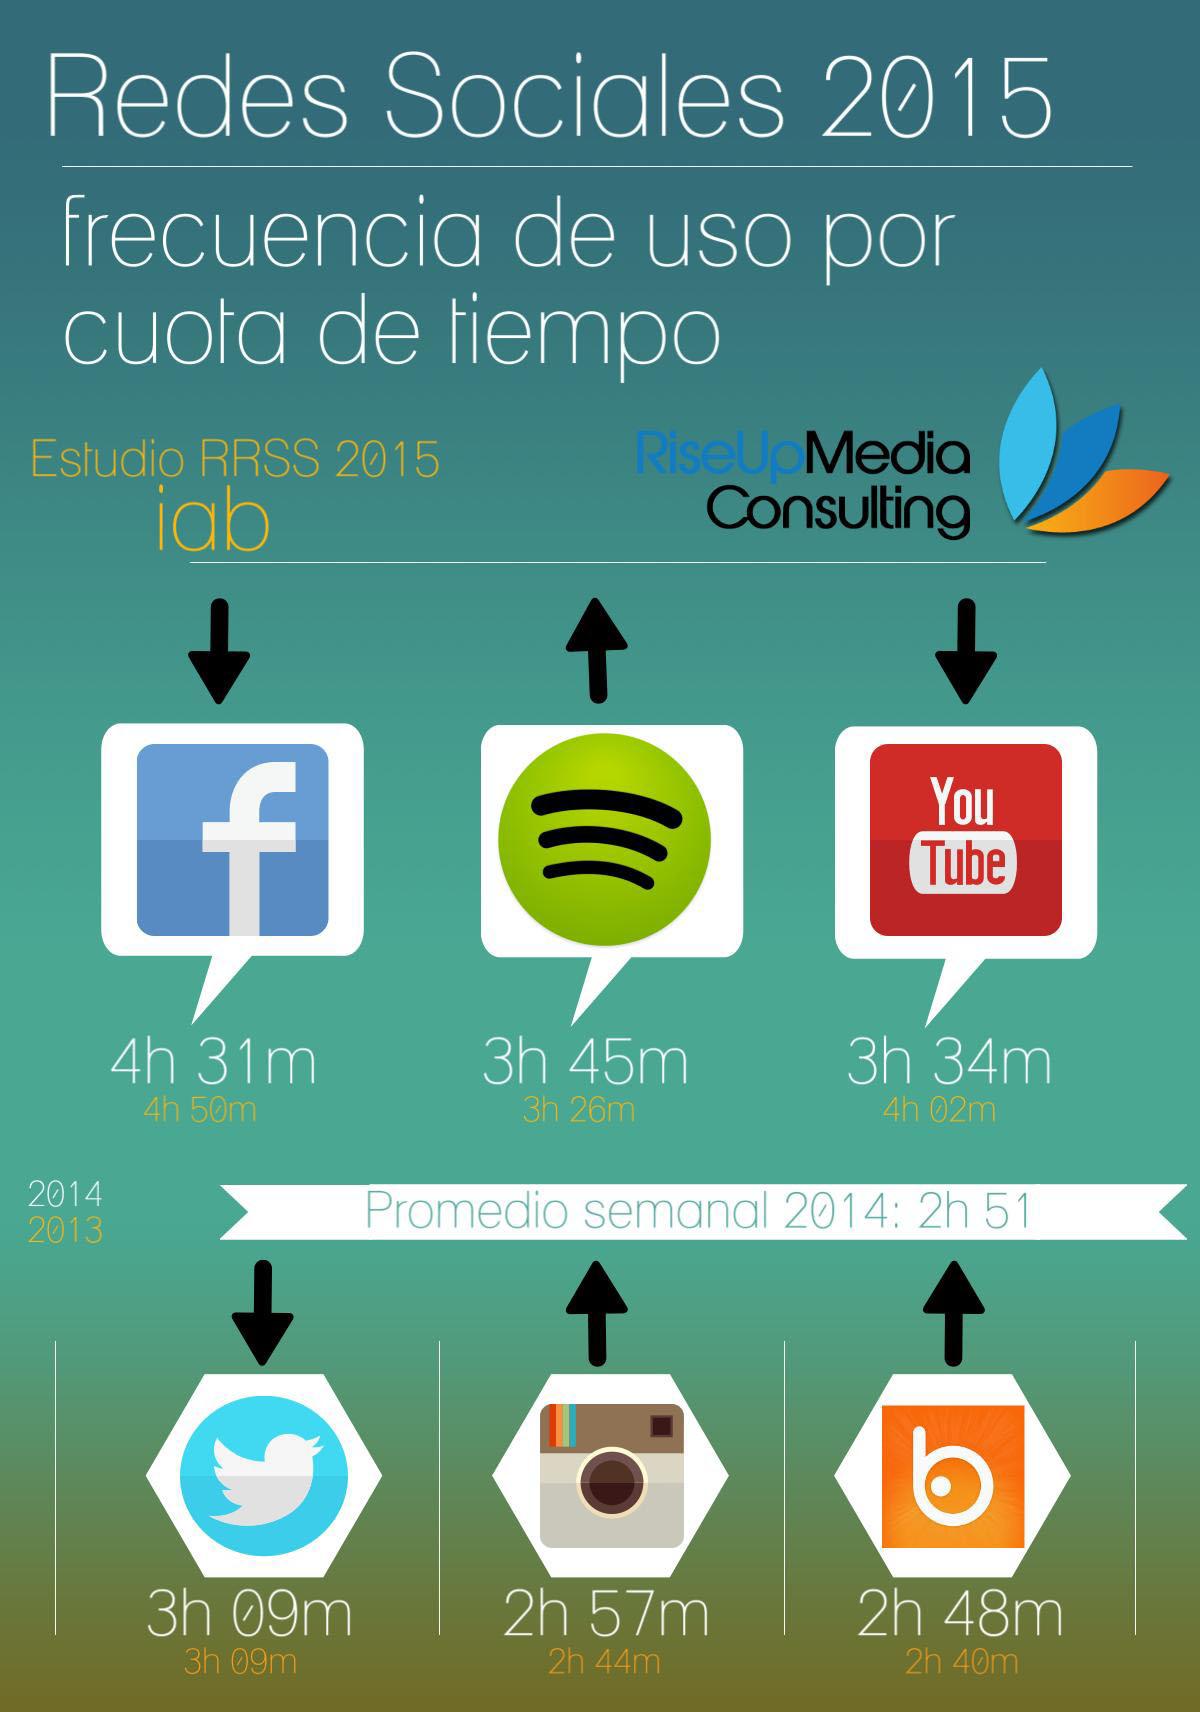 Redes Sociales Frecuencia de Uso 2015